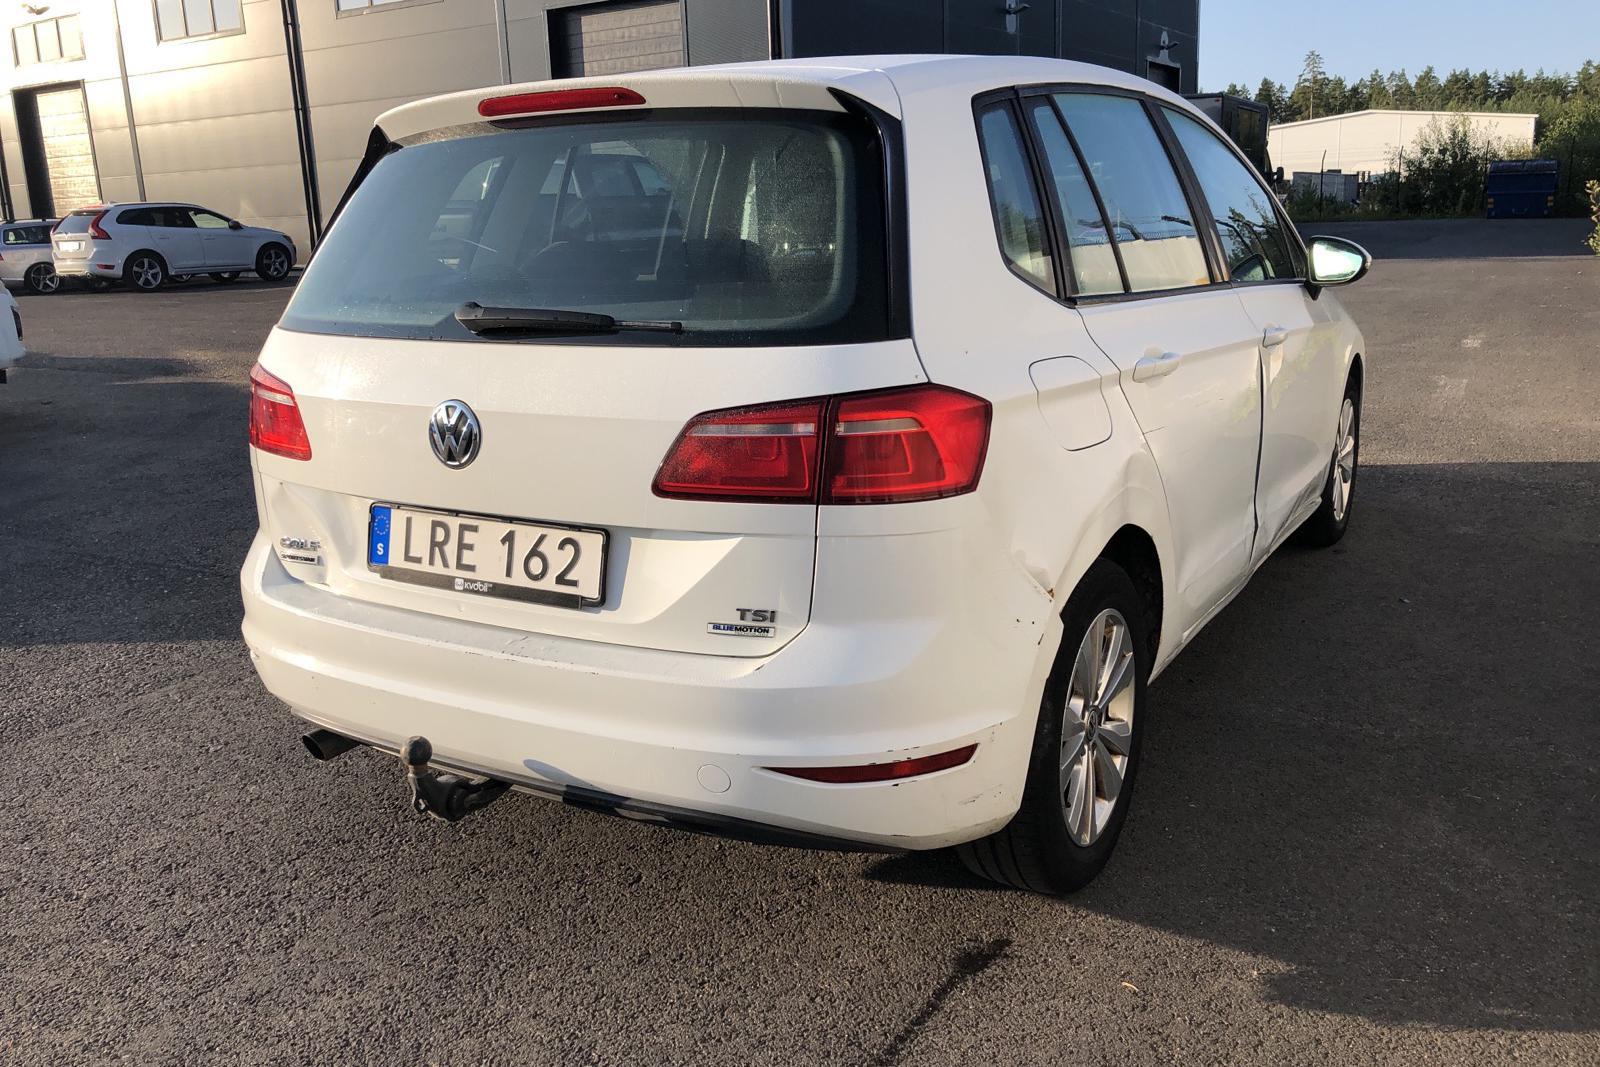 VW Golf VII 1.2 TSI BlueMotion Technology Sportsvan (110hk) - 139 140 km - Automatic - white - 2016